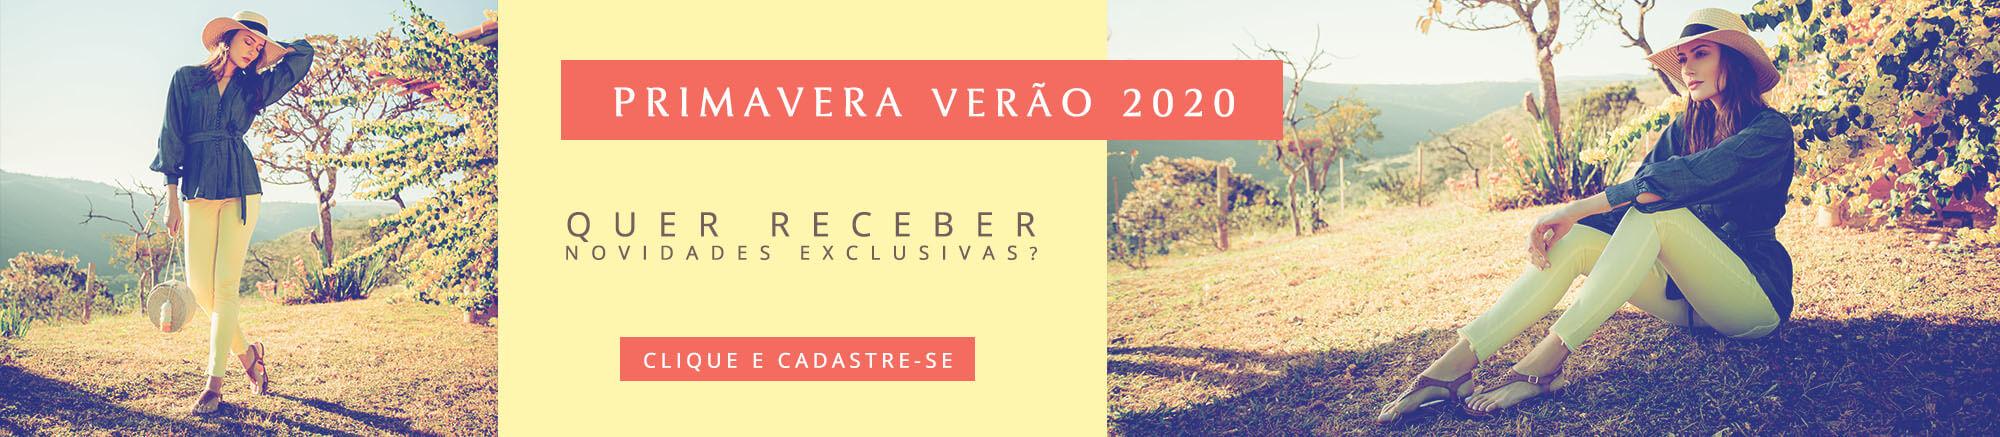 Banner - Verão 2020